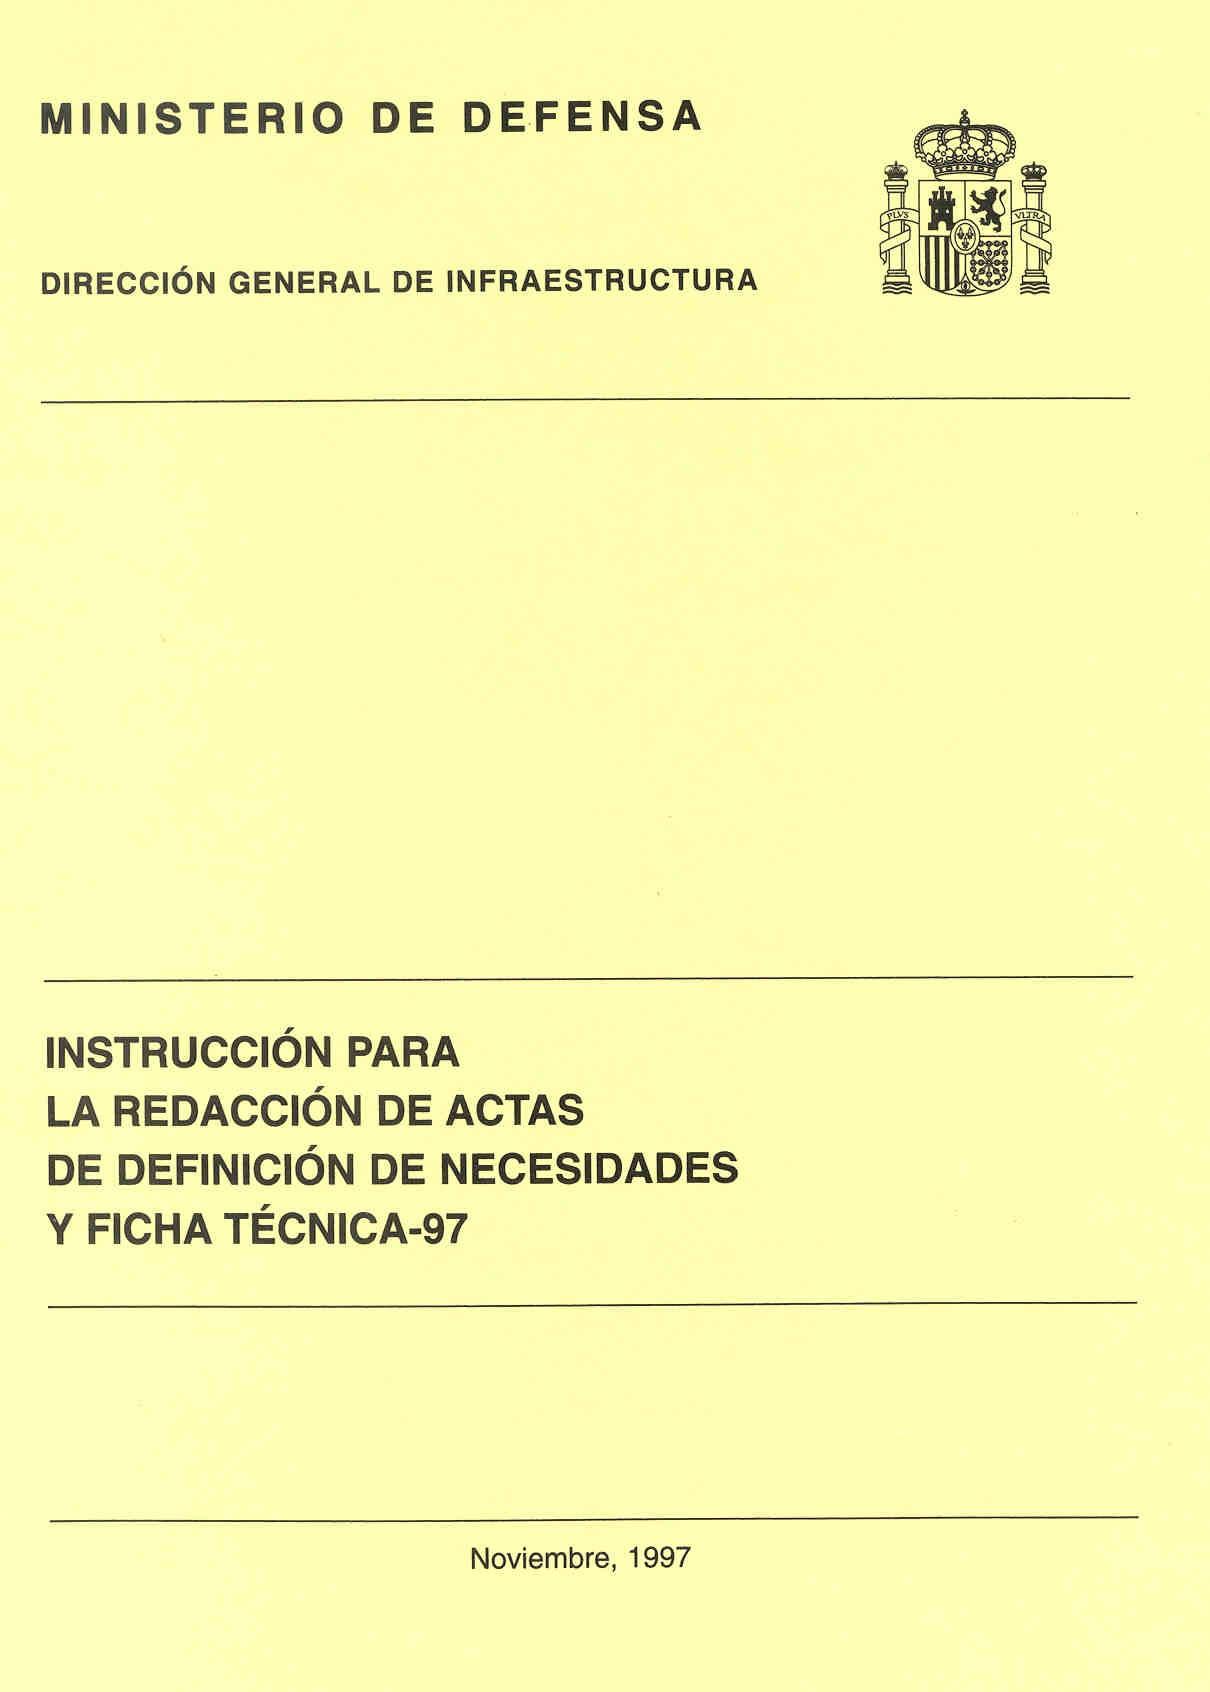 INSTRUCCIÓN PARA LA REDACCIÓN DE ACTAS DE DEFINICIÓN DE NECESIDADES Y FICHA TÉCNICA-97